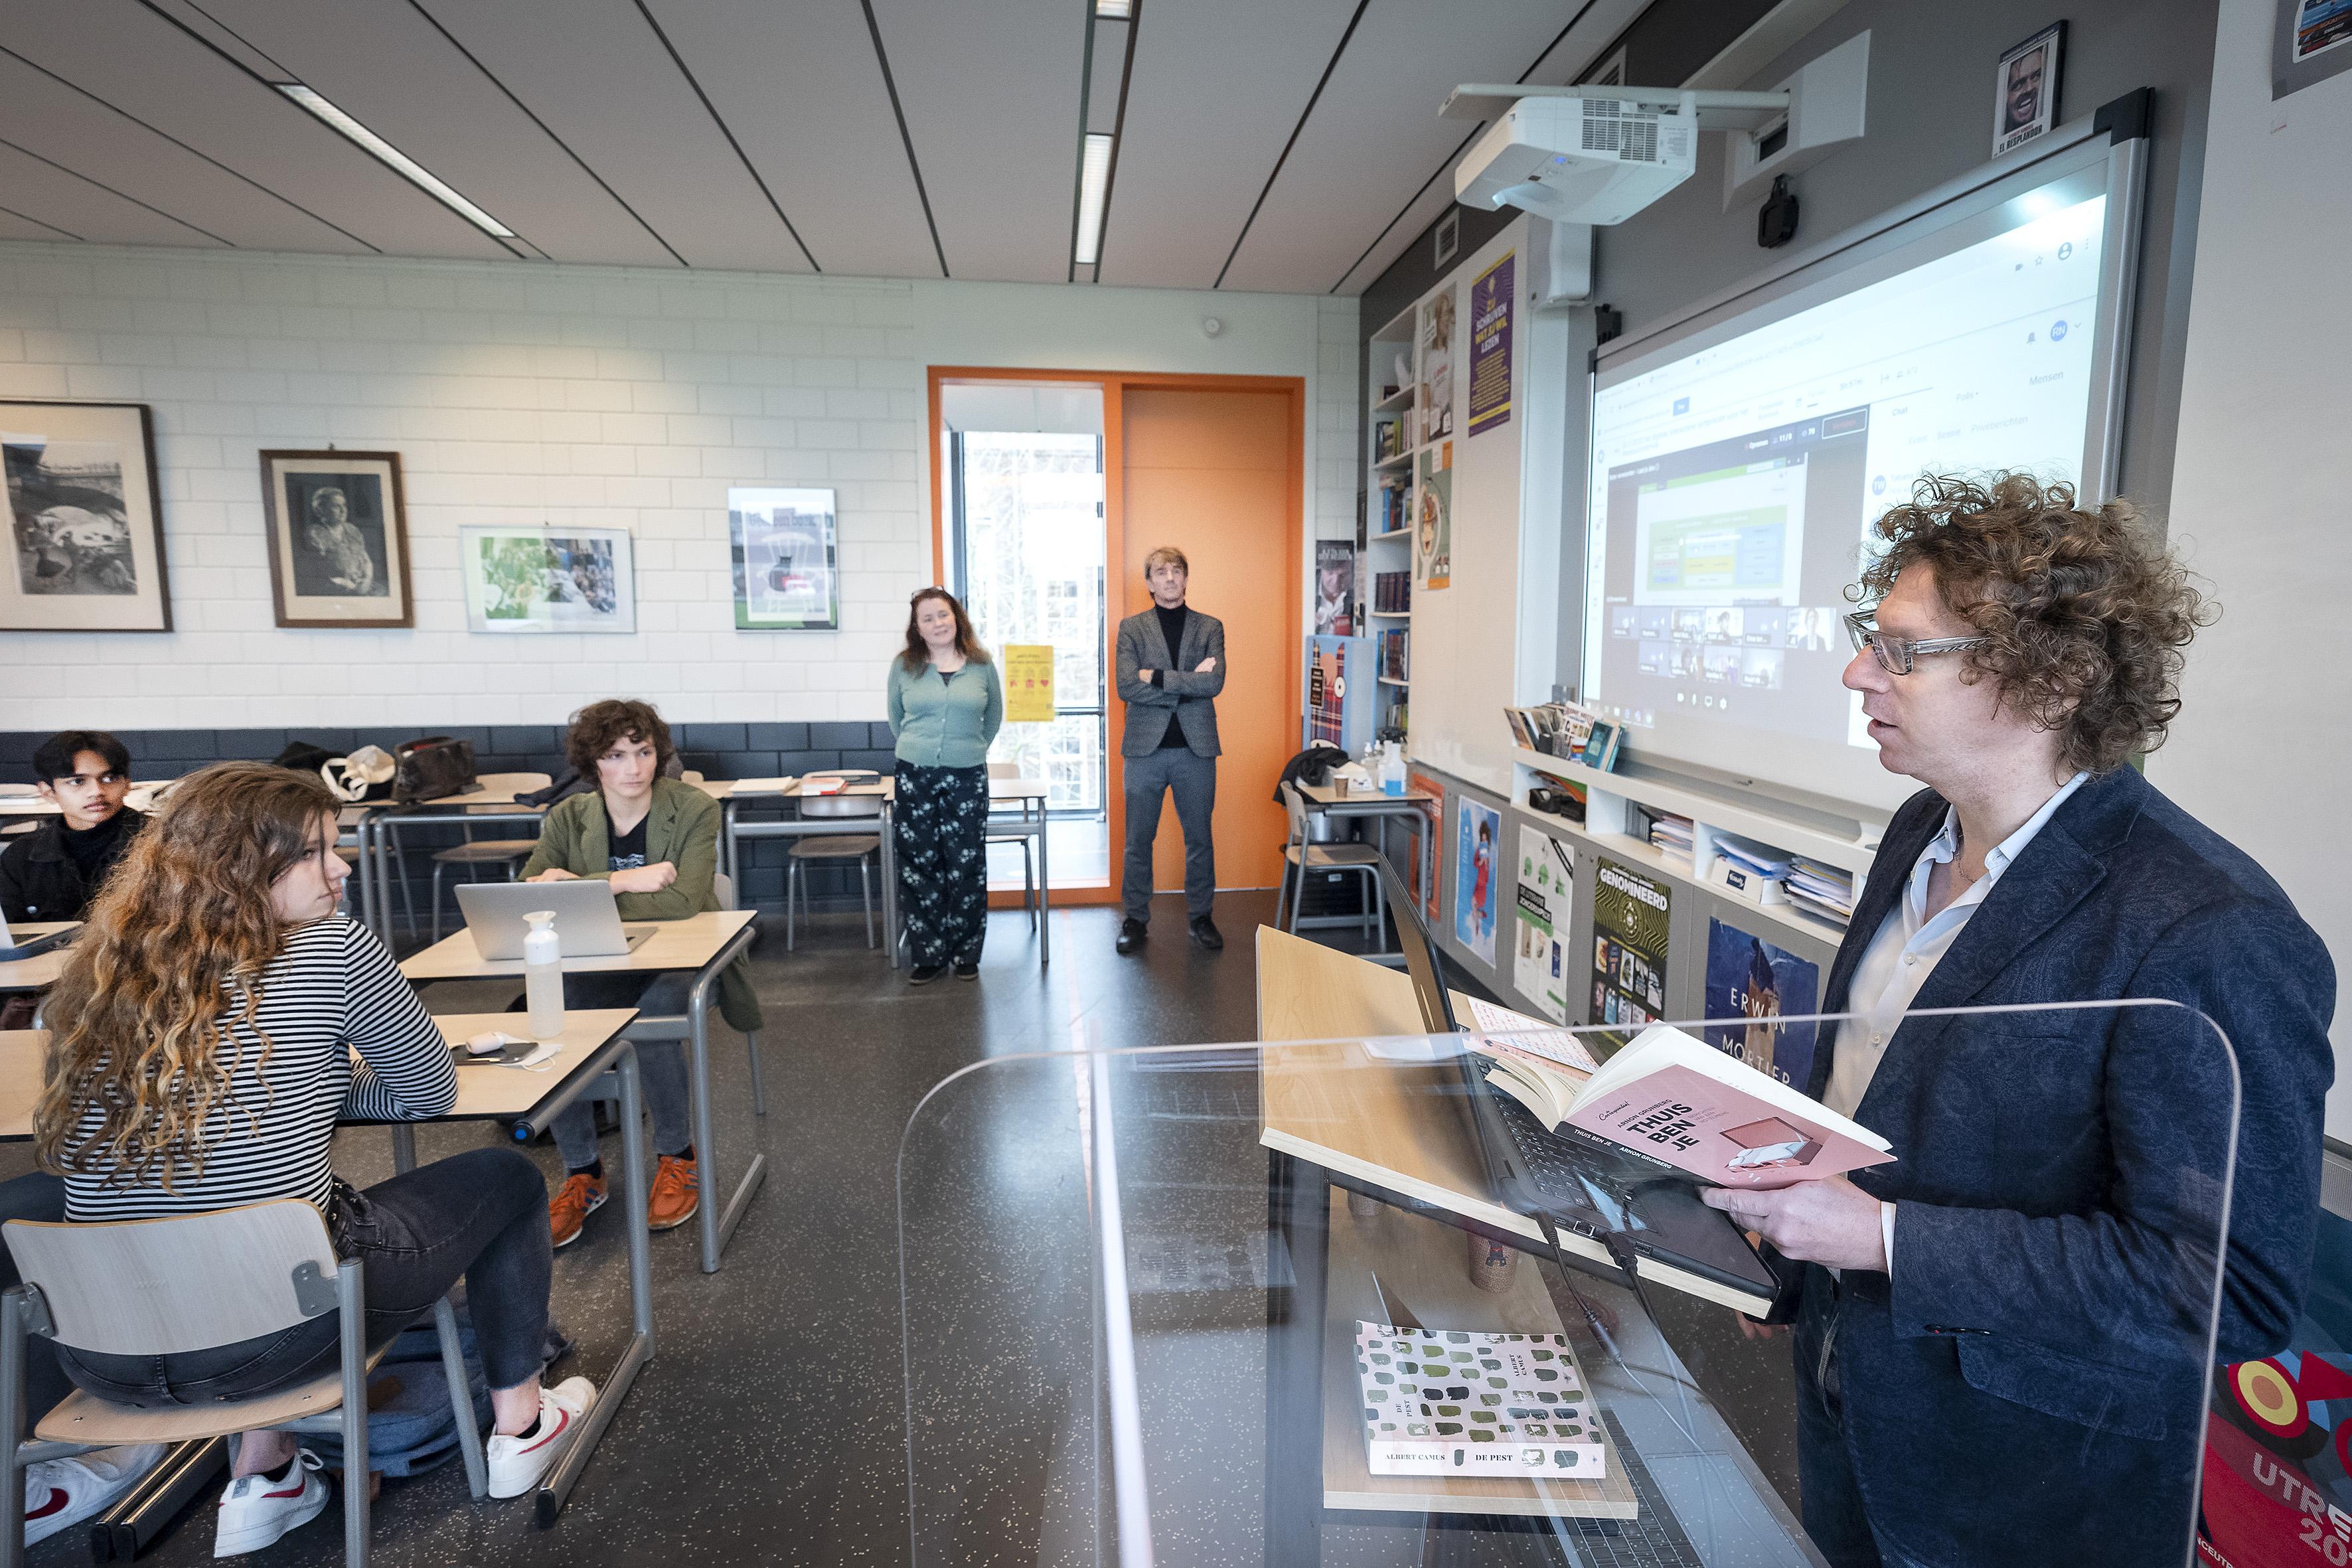 Schrijver Arnon Grunberg geeft gastles over literatuur op Vellesan College in IJmuiden: 'Ik beloof terug te komen'